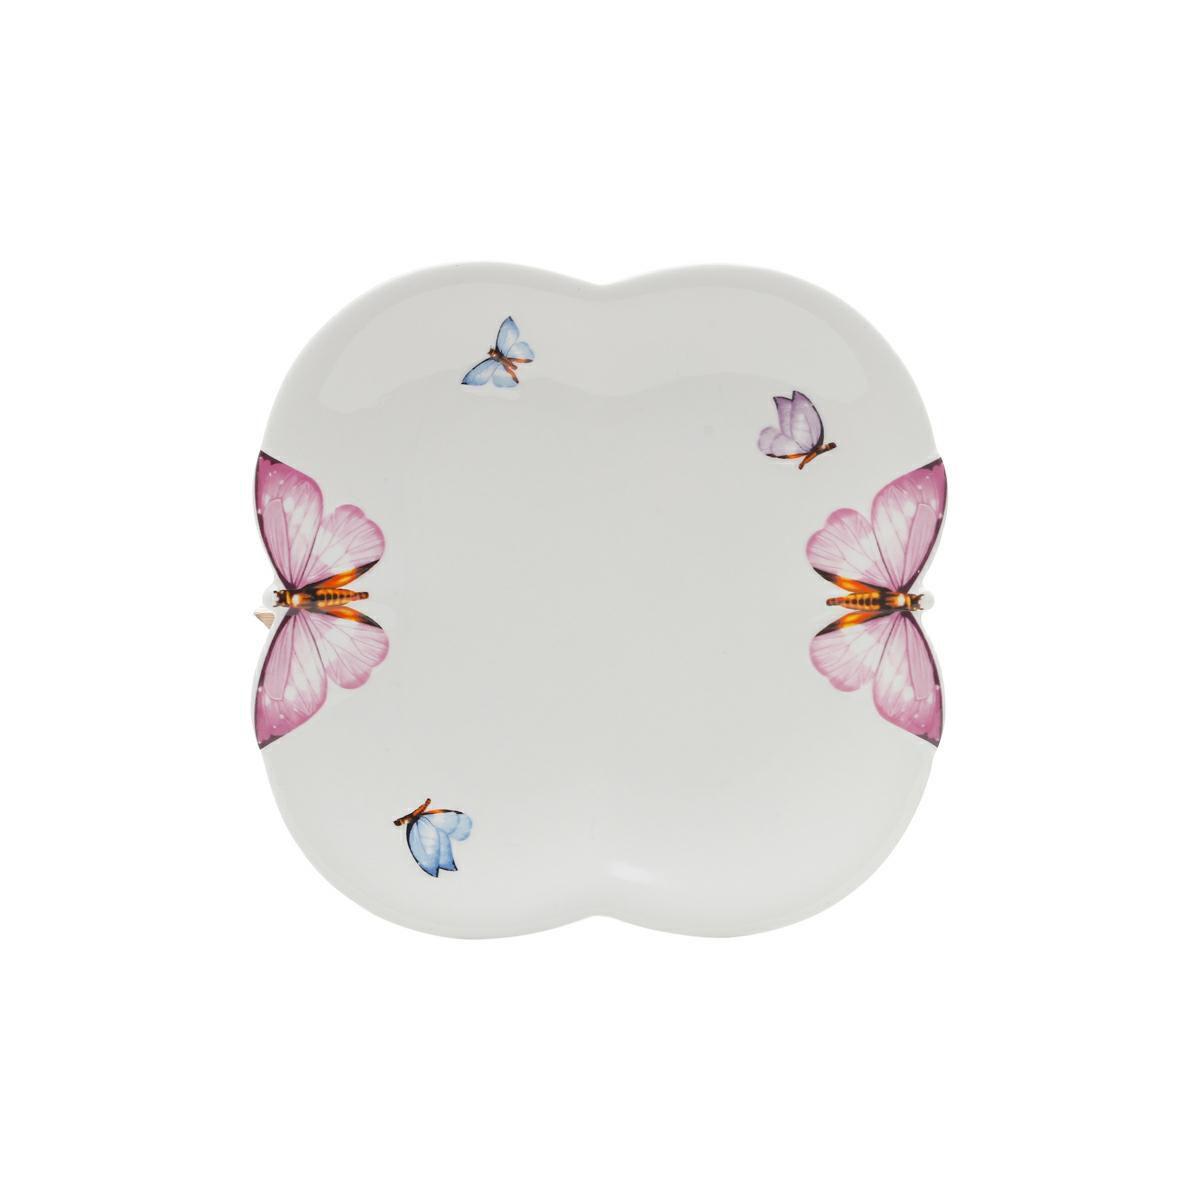 Jogo 6 pratos 19 cm para sobremesa de porcelana Borboletas Wolff - 1168